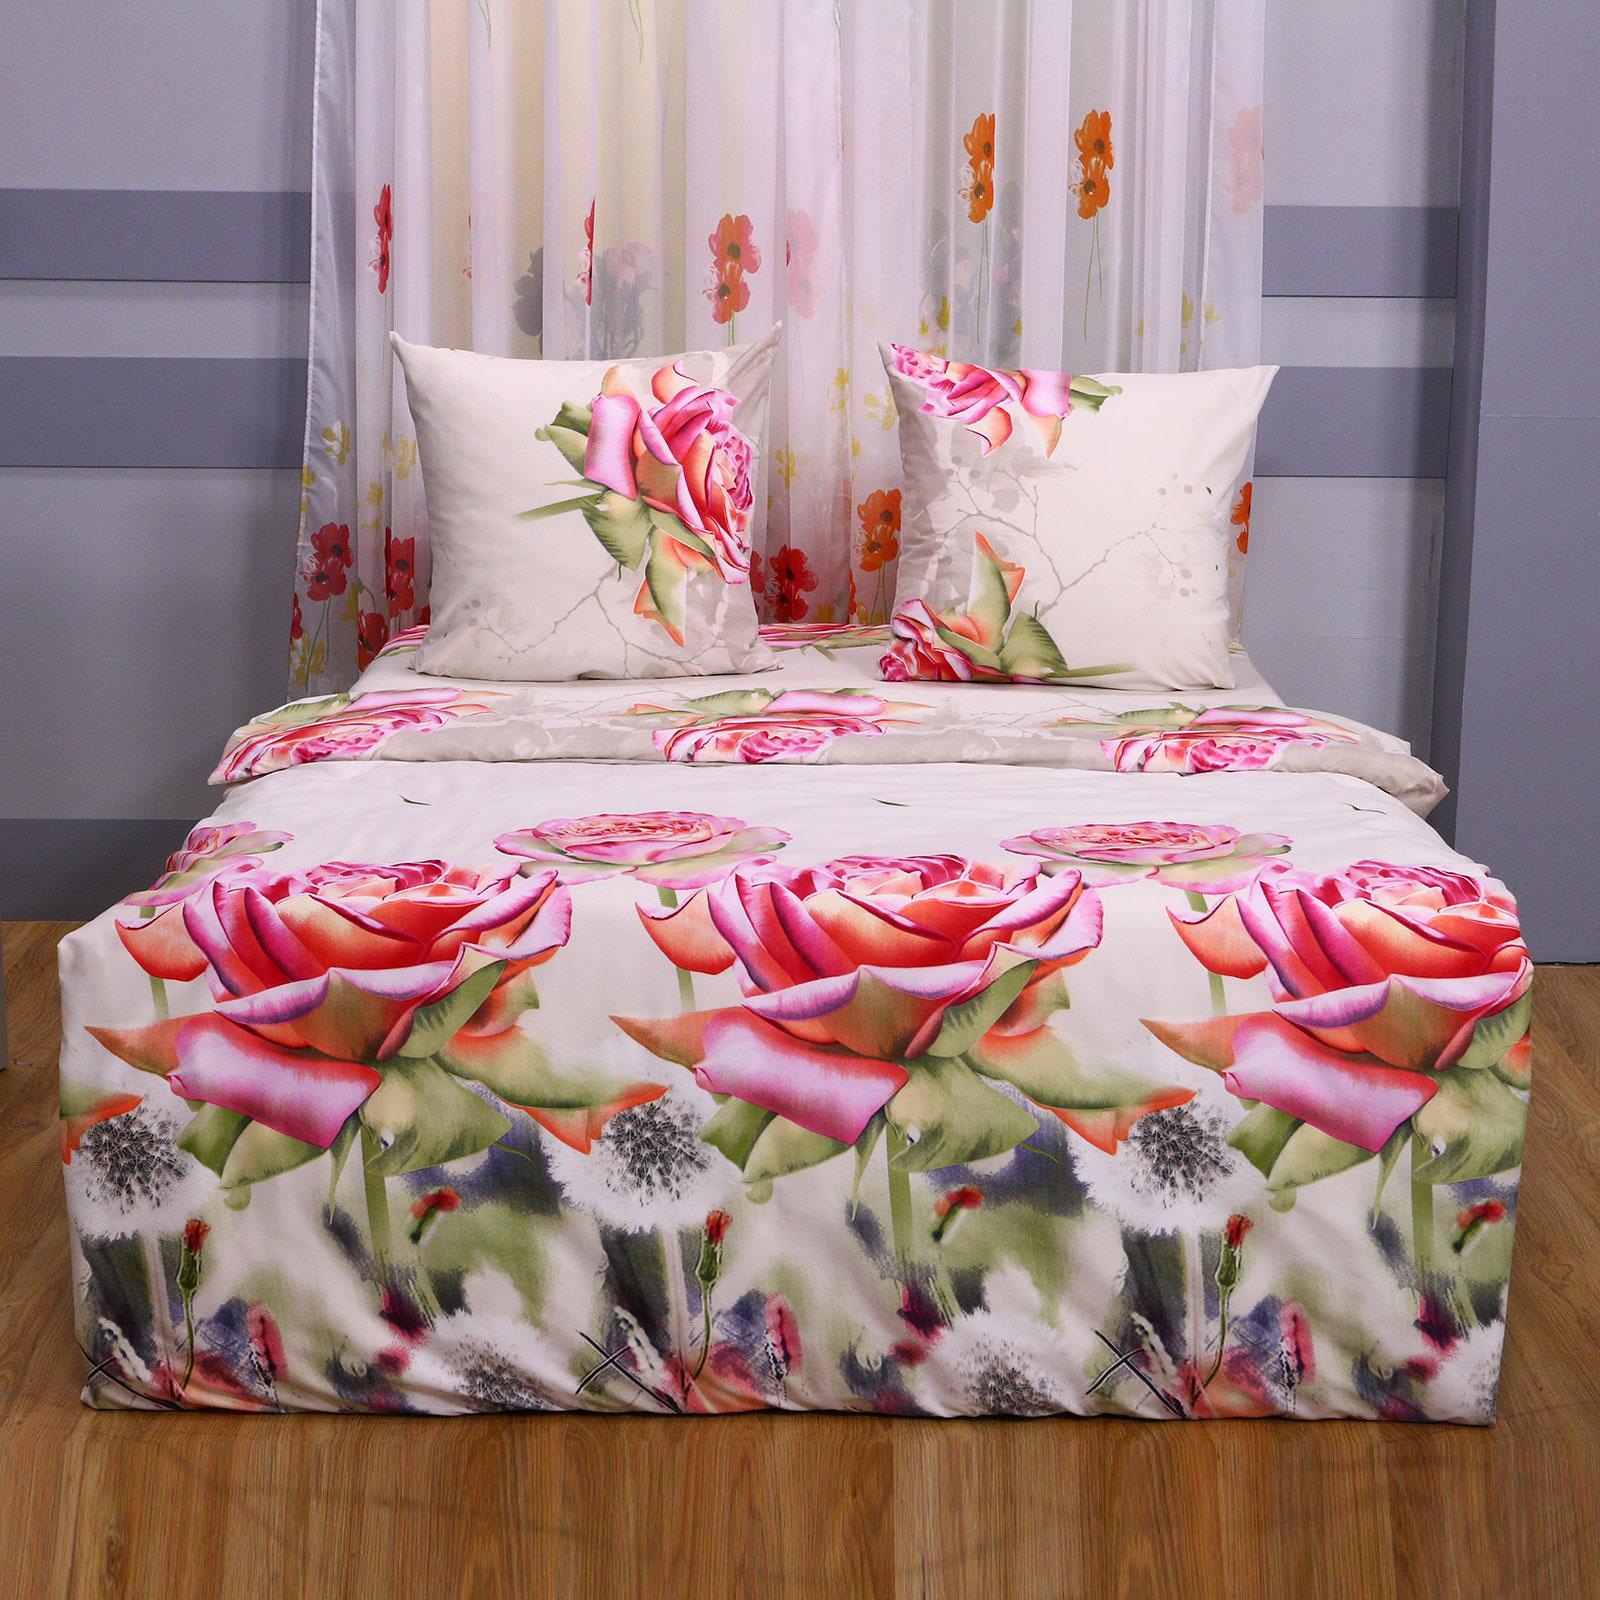 Комплект постельного белья Роза ветров комплект семейного белья василиса нежная роза 4172 1 70x70 c рб